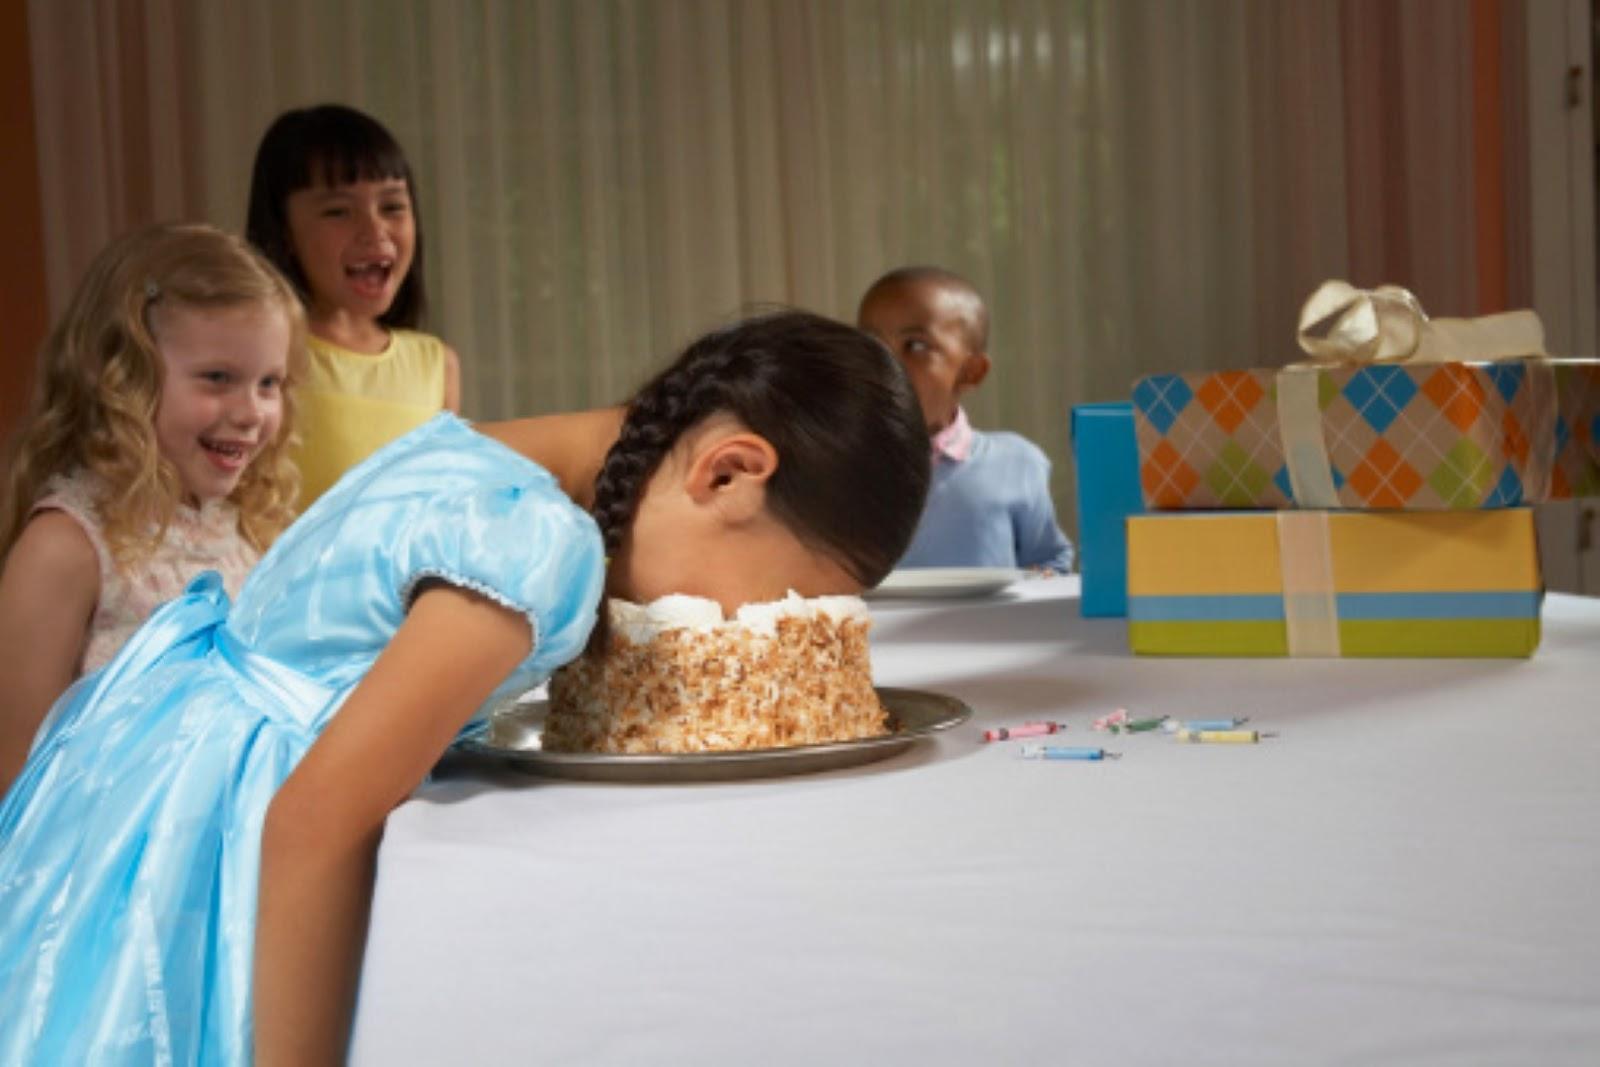 Трахнули в день рождение, На день рождения русскую девушку задорно выебли во 13 фотография